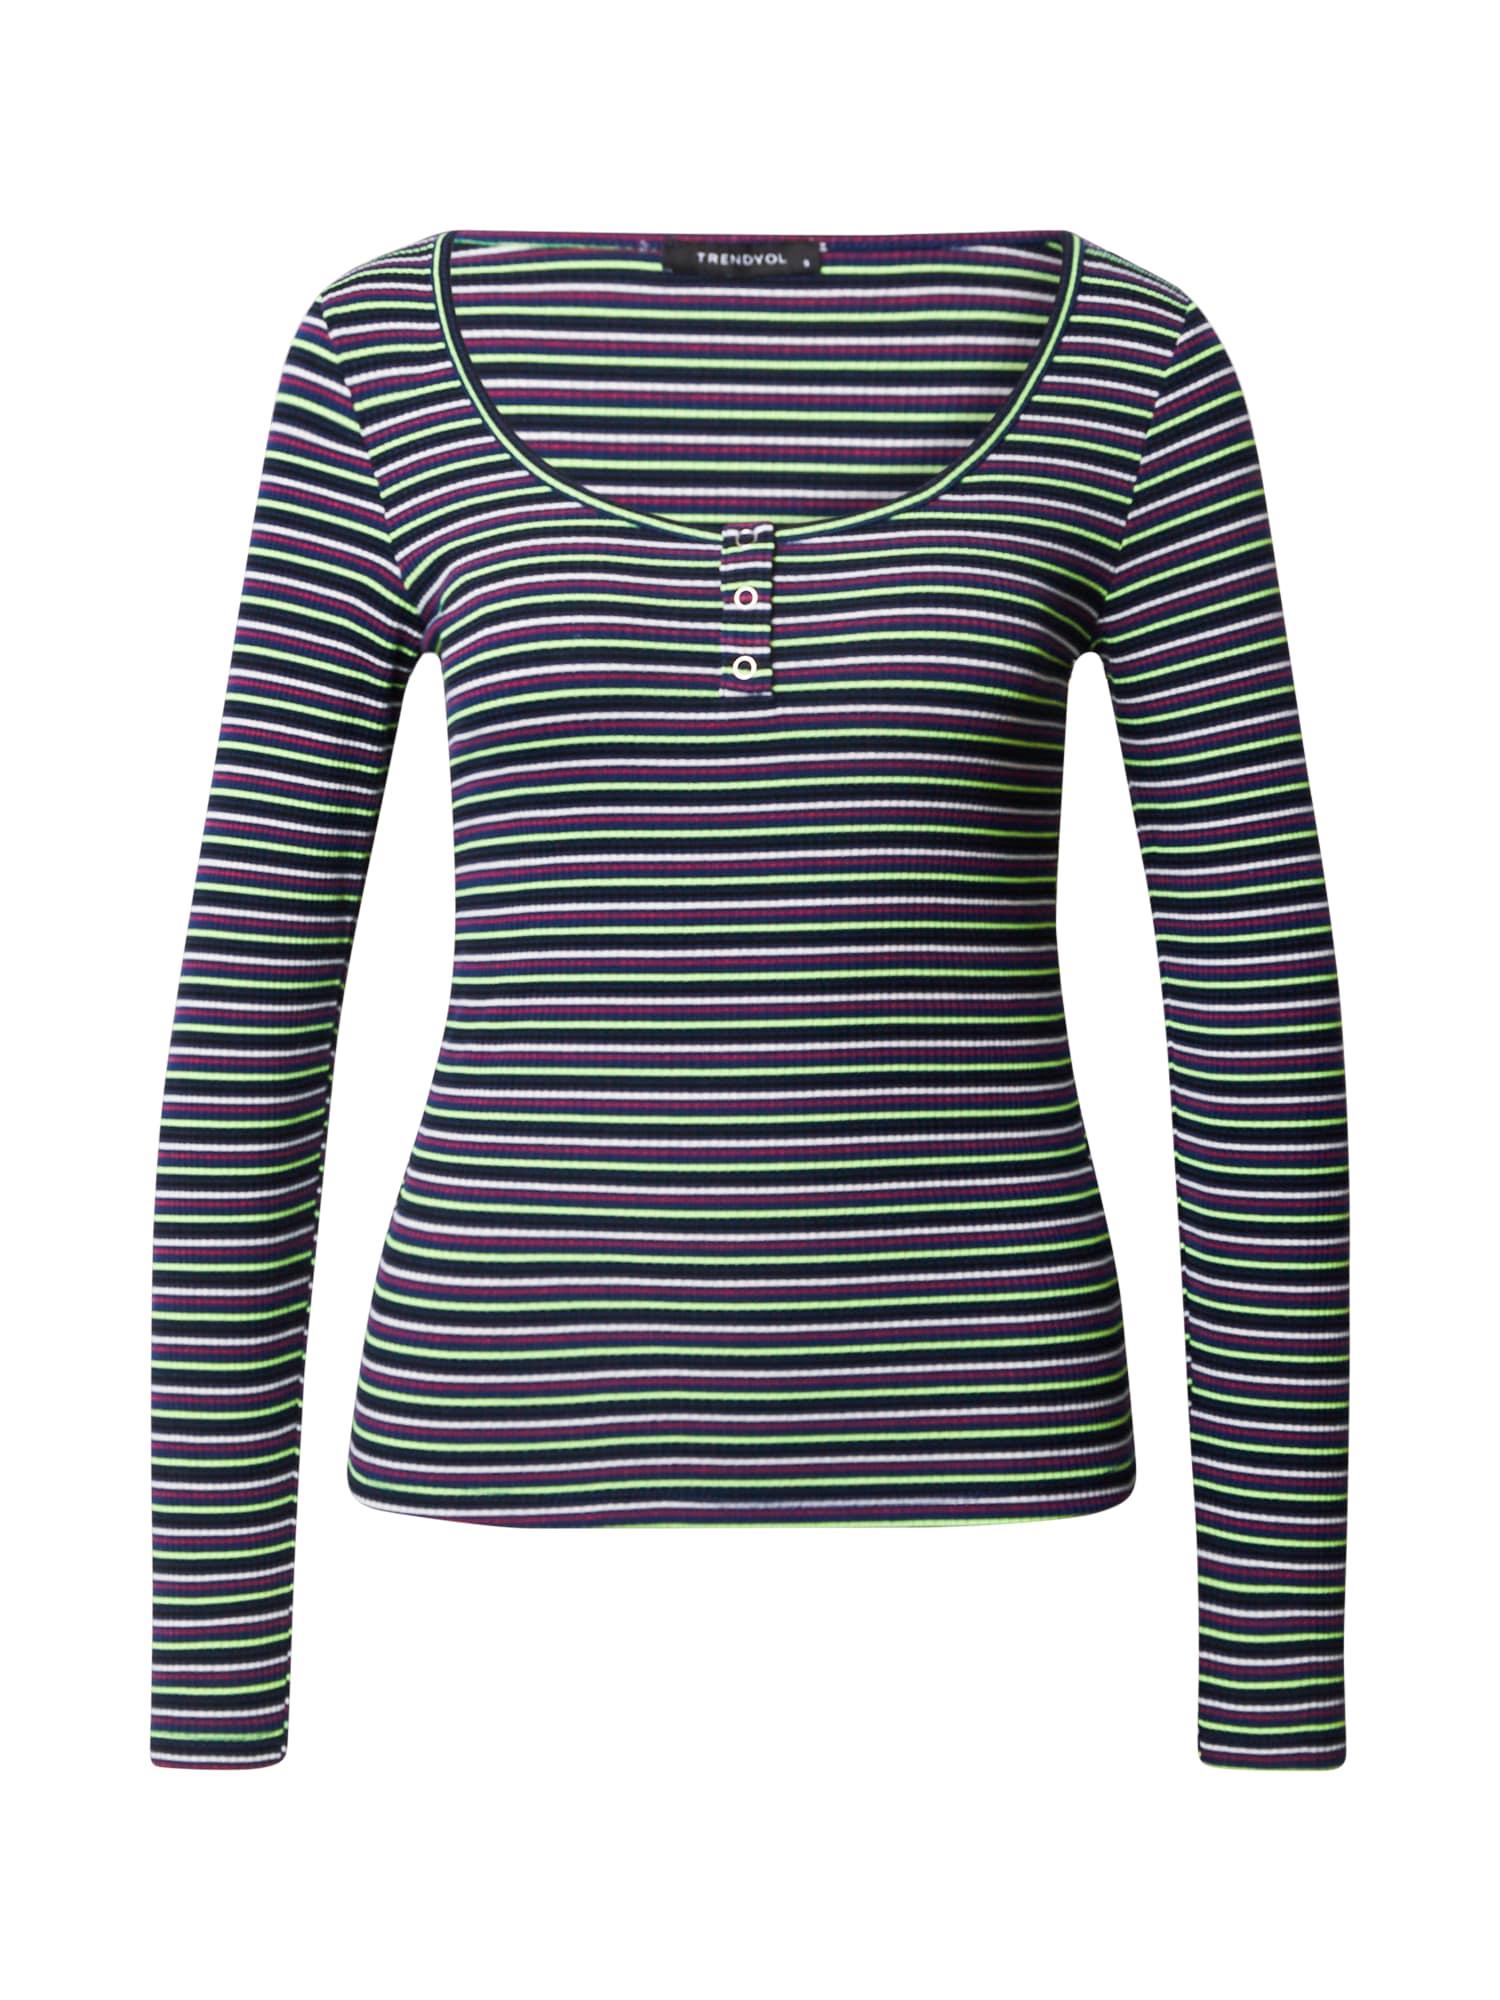 Trendyol Marškinėliai mišrios spalvos